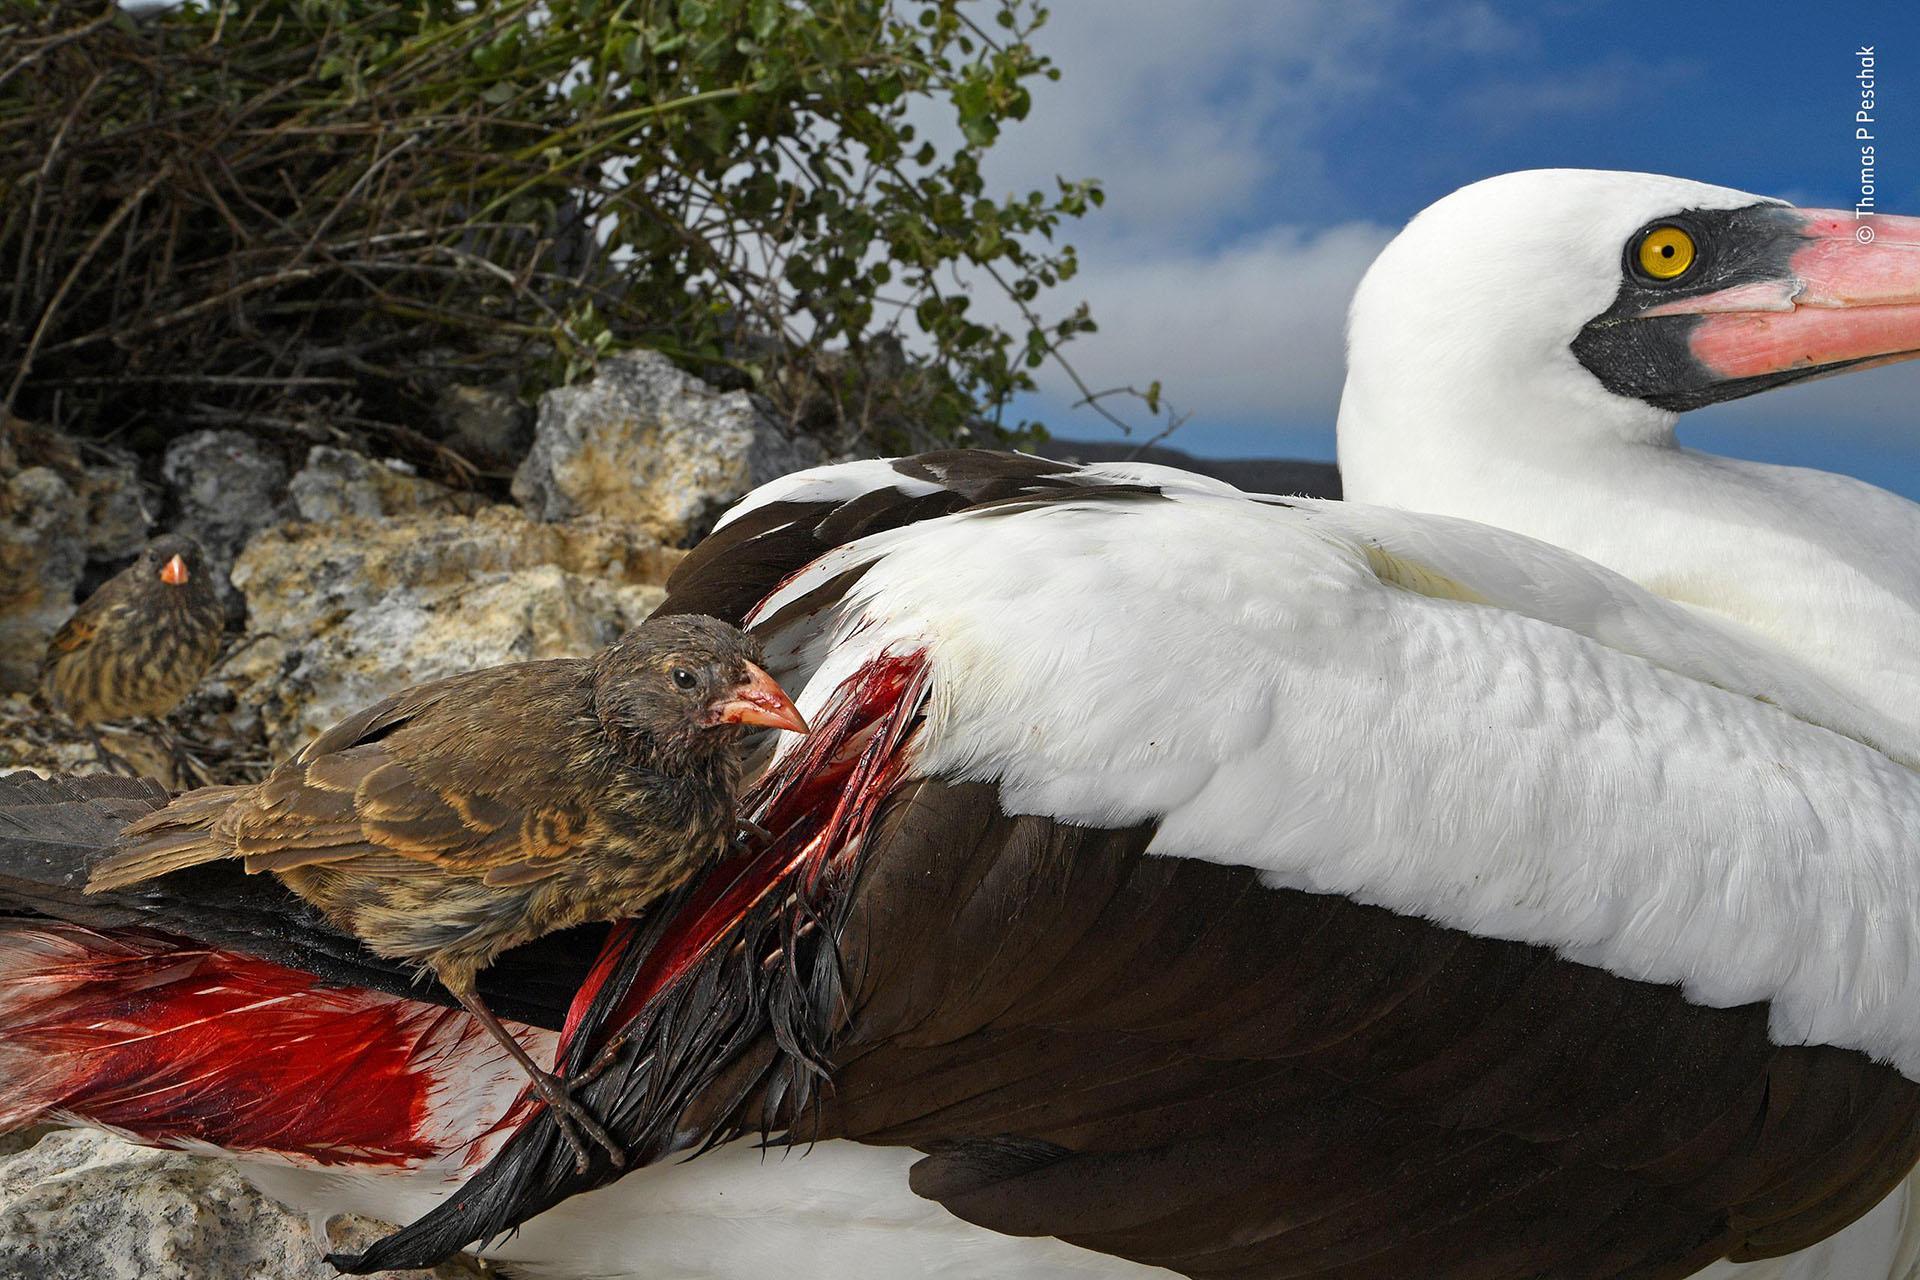 """Thomas P Peschak (Alemania-Sudáfrica), categoría Comportamiento de aves. """"Sediento de sangre"""", un pinzón terrestre de pico afilado bebe la sangre de otra especie ante la falta de alimentos, en Islas Galápagos"""